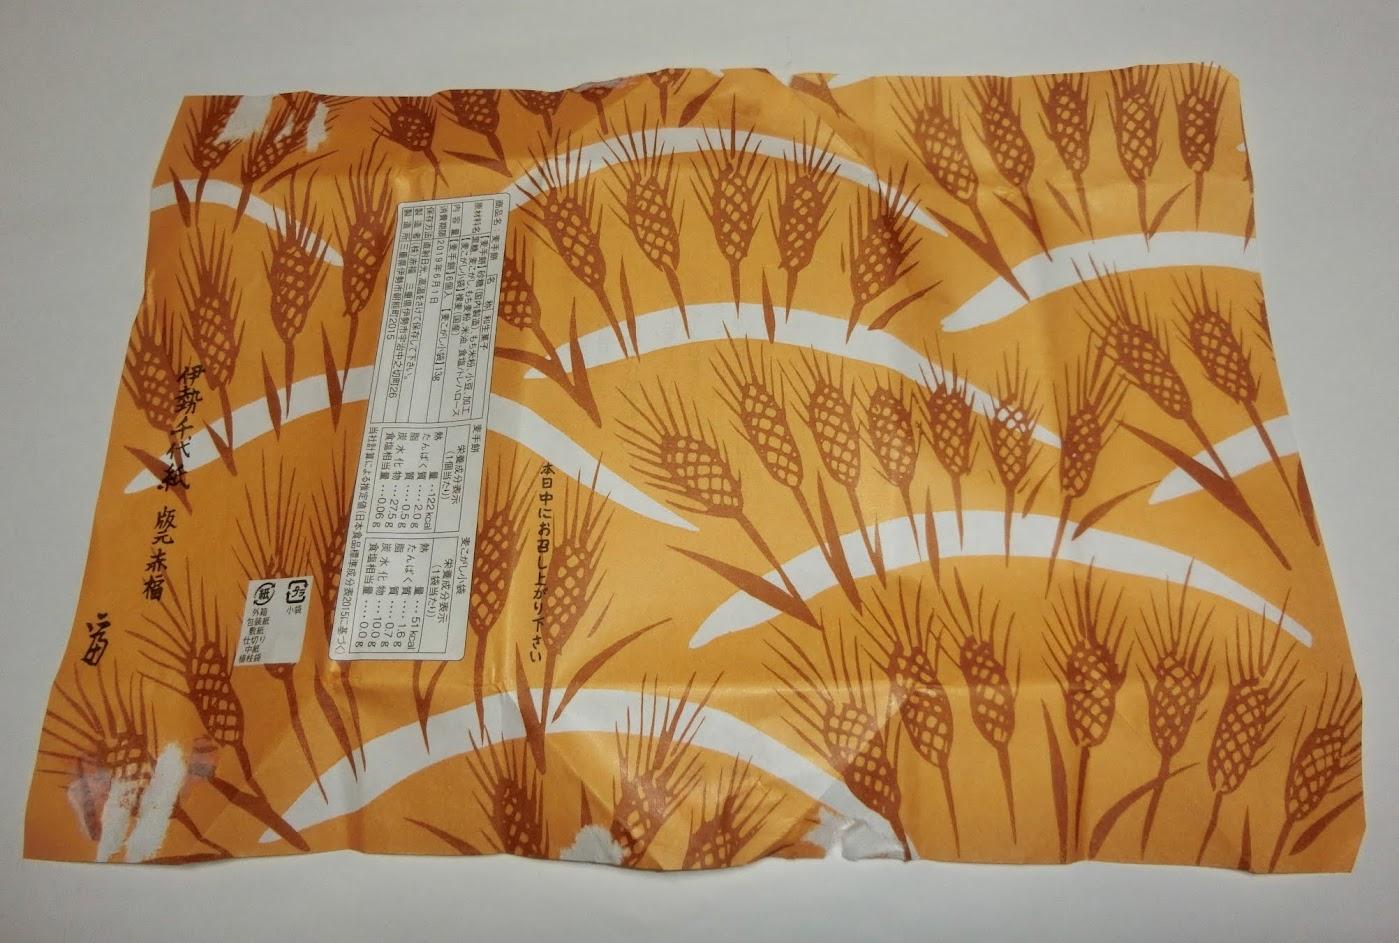 赤福六月朔日餅の包装紙は伊勢千代紙